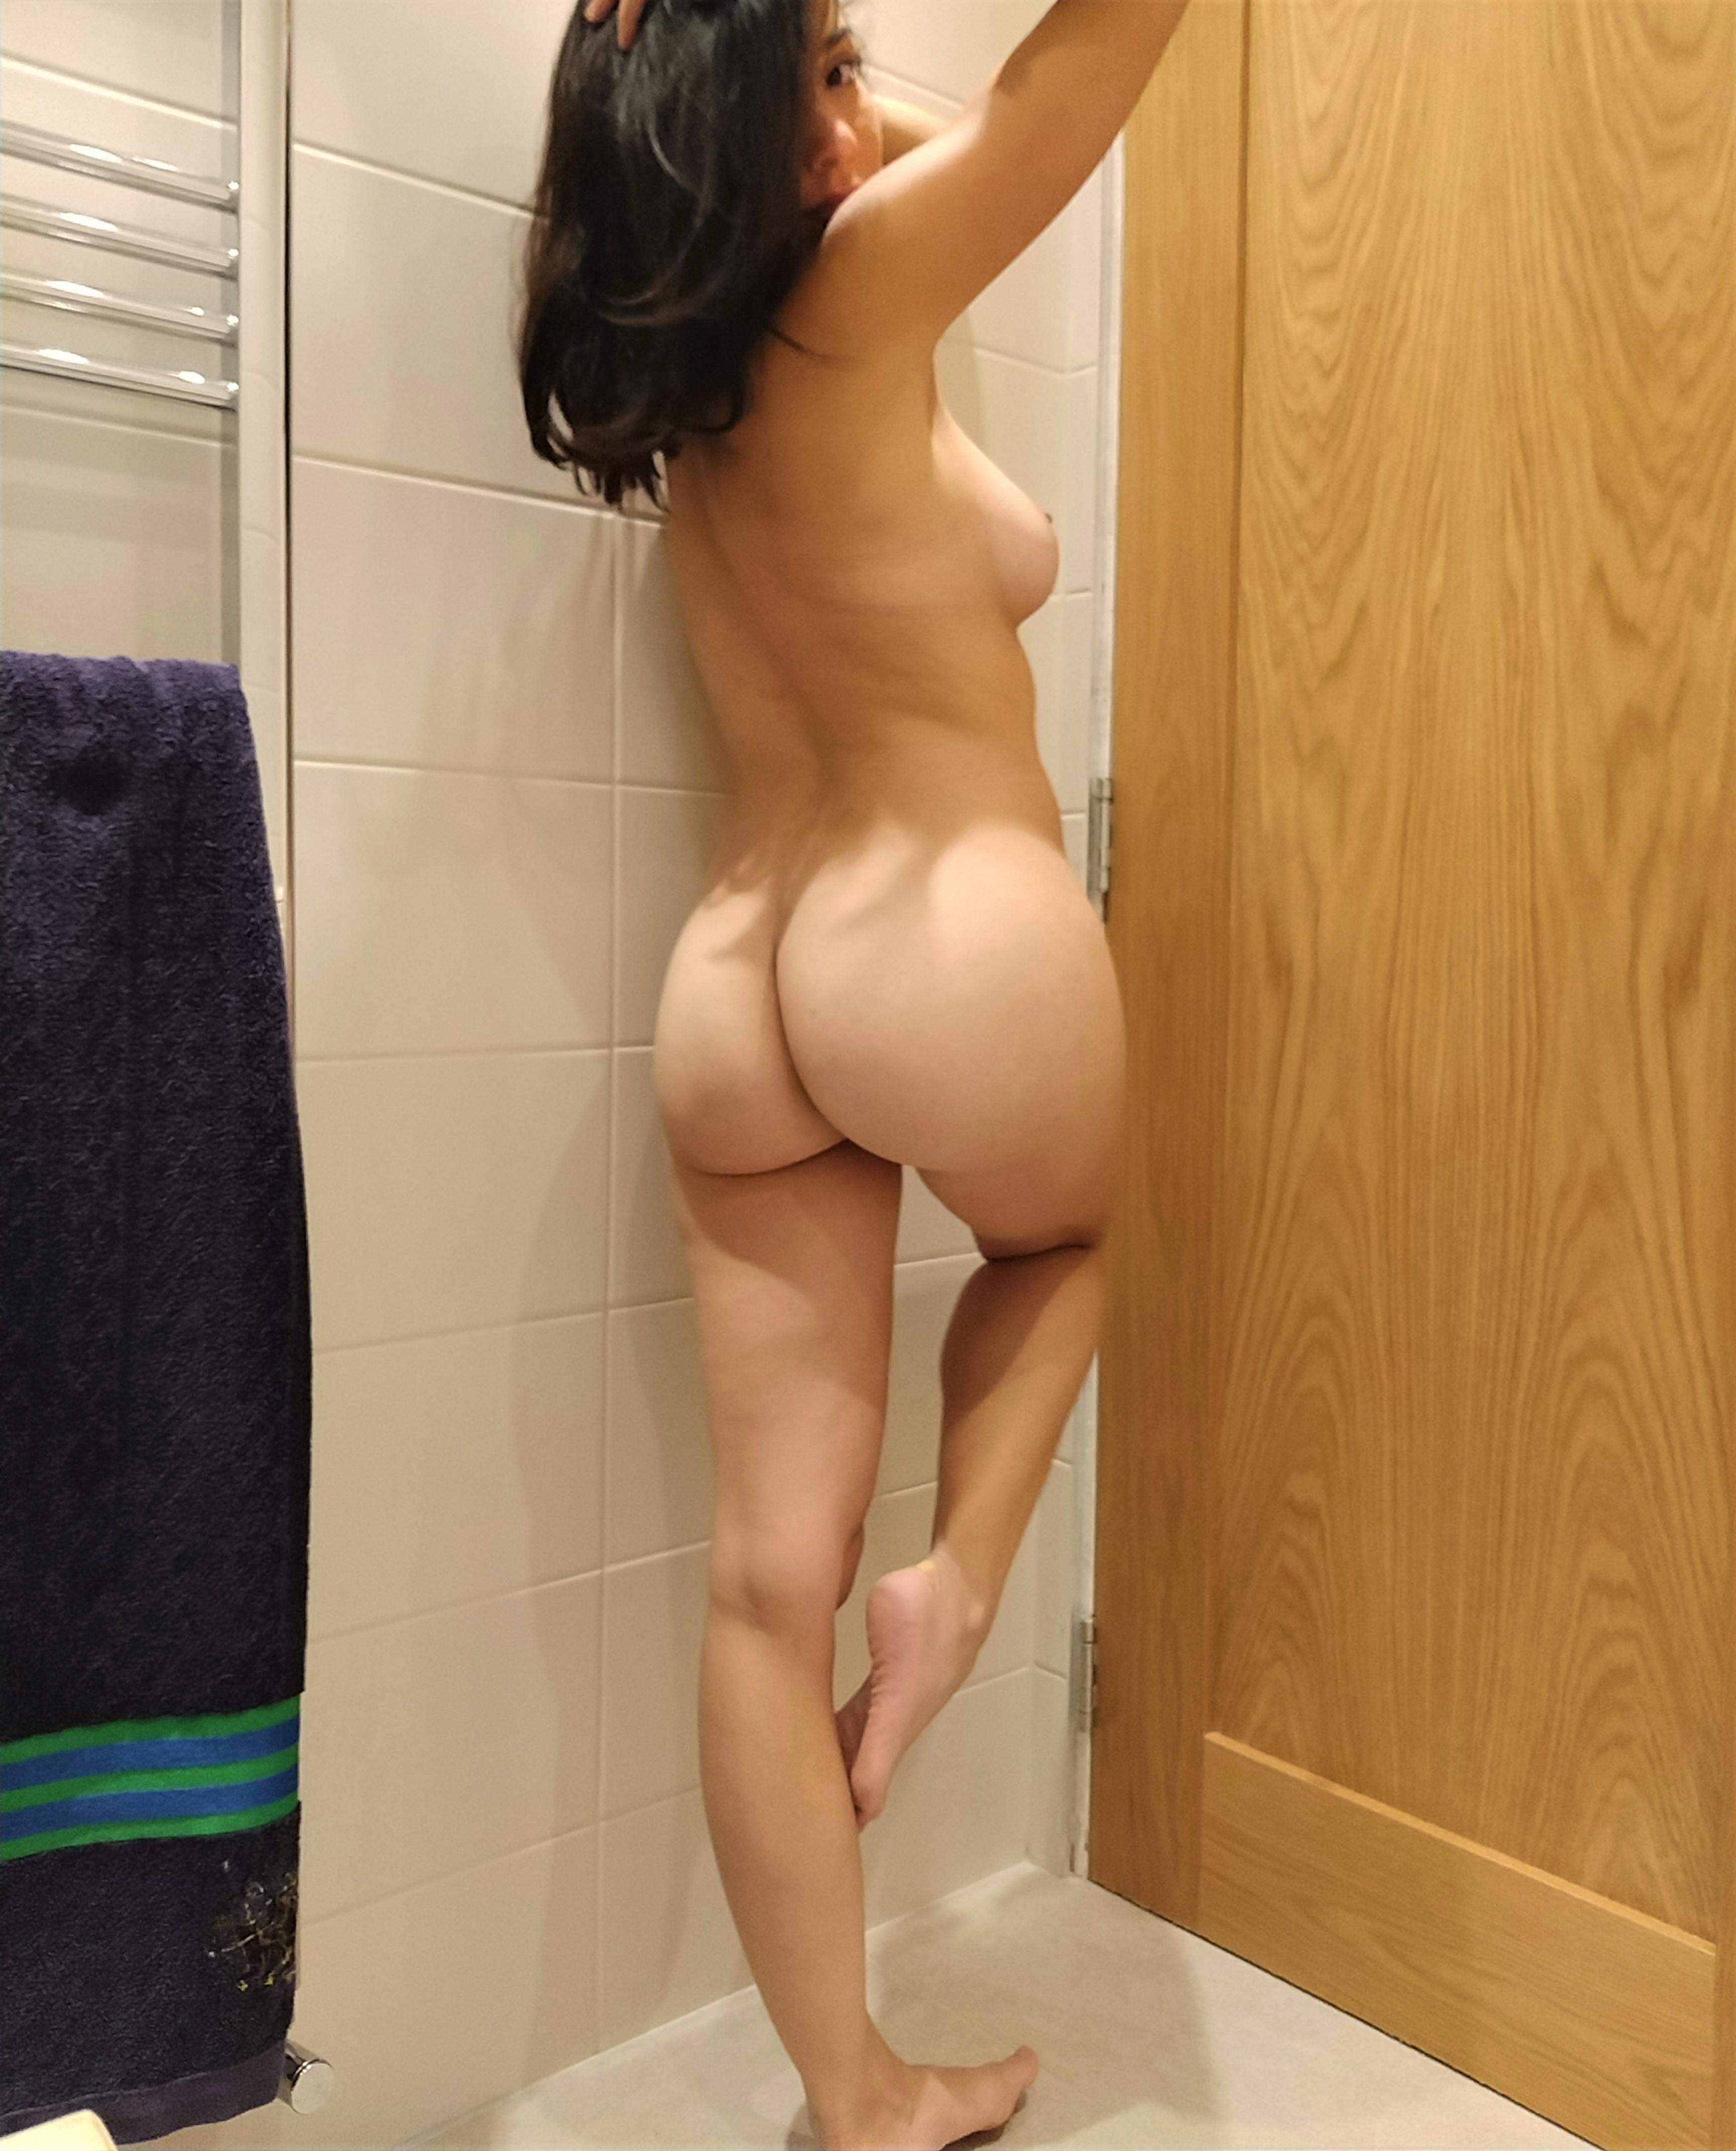 delila darling feet delila darling porn clips pornstar delila darling videos pag